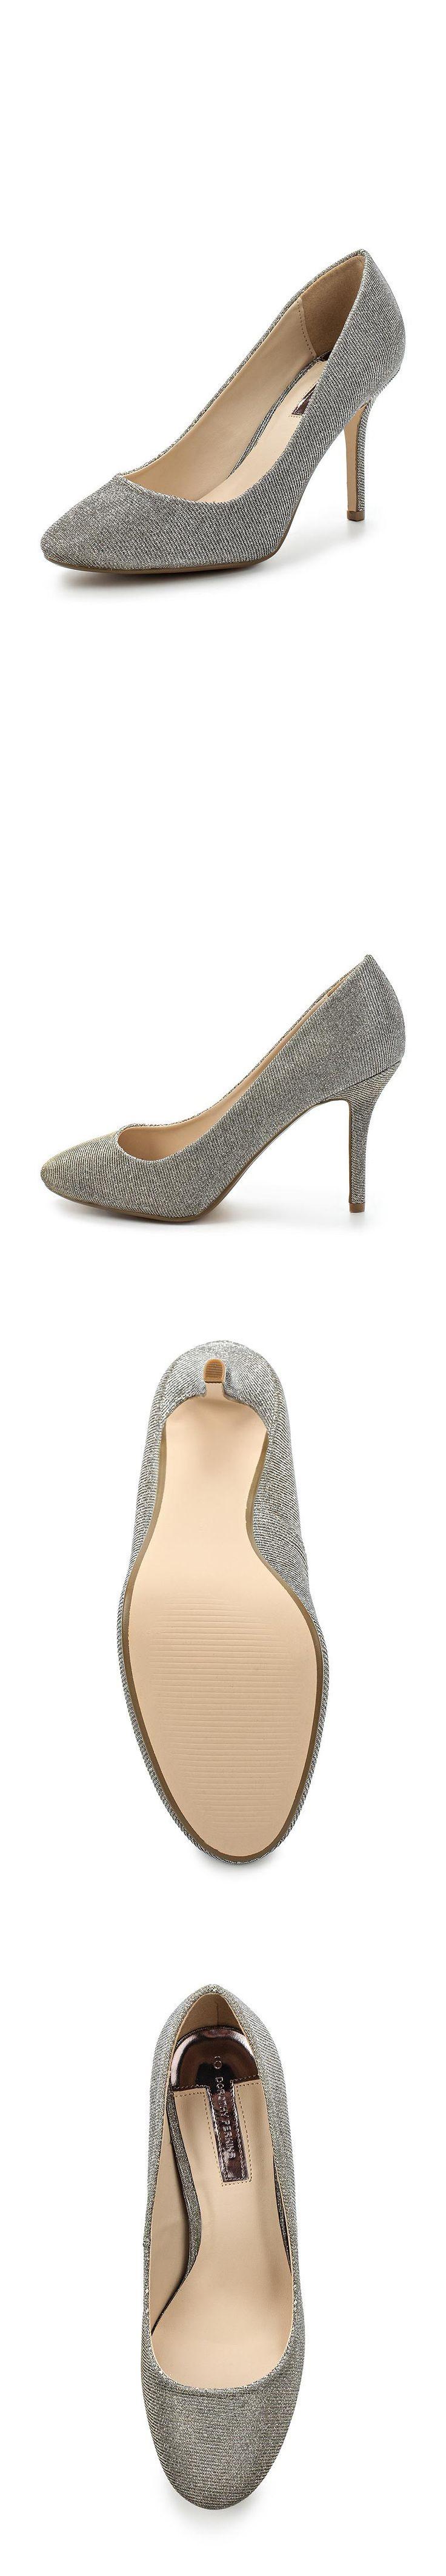 Женская обувь туфли Dorothy Perkins за 1570.00 руб.